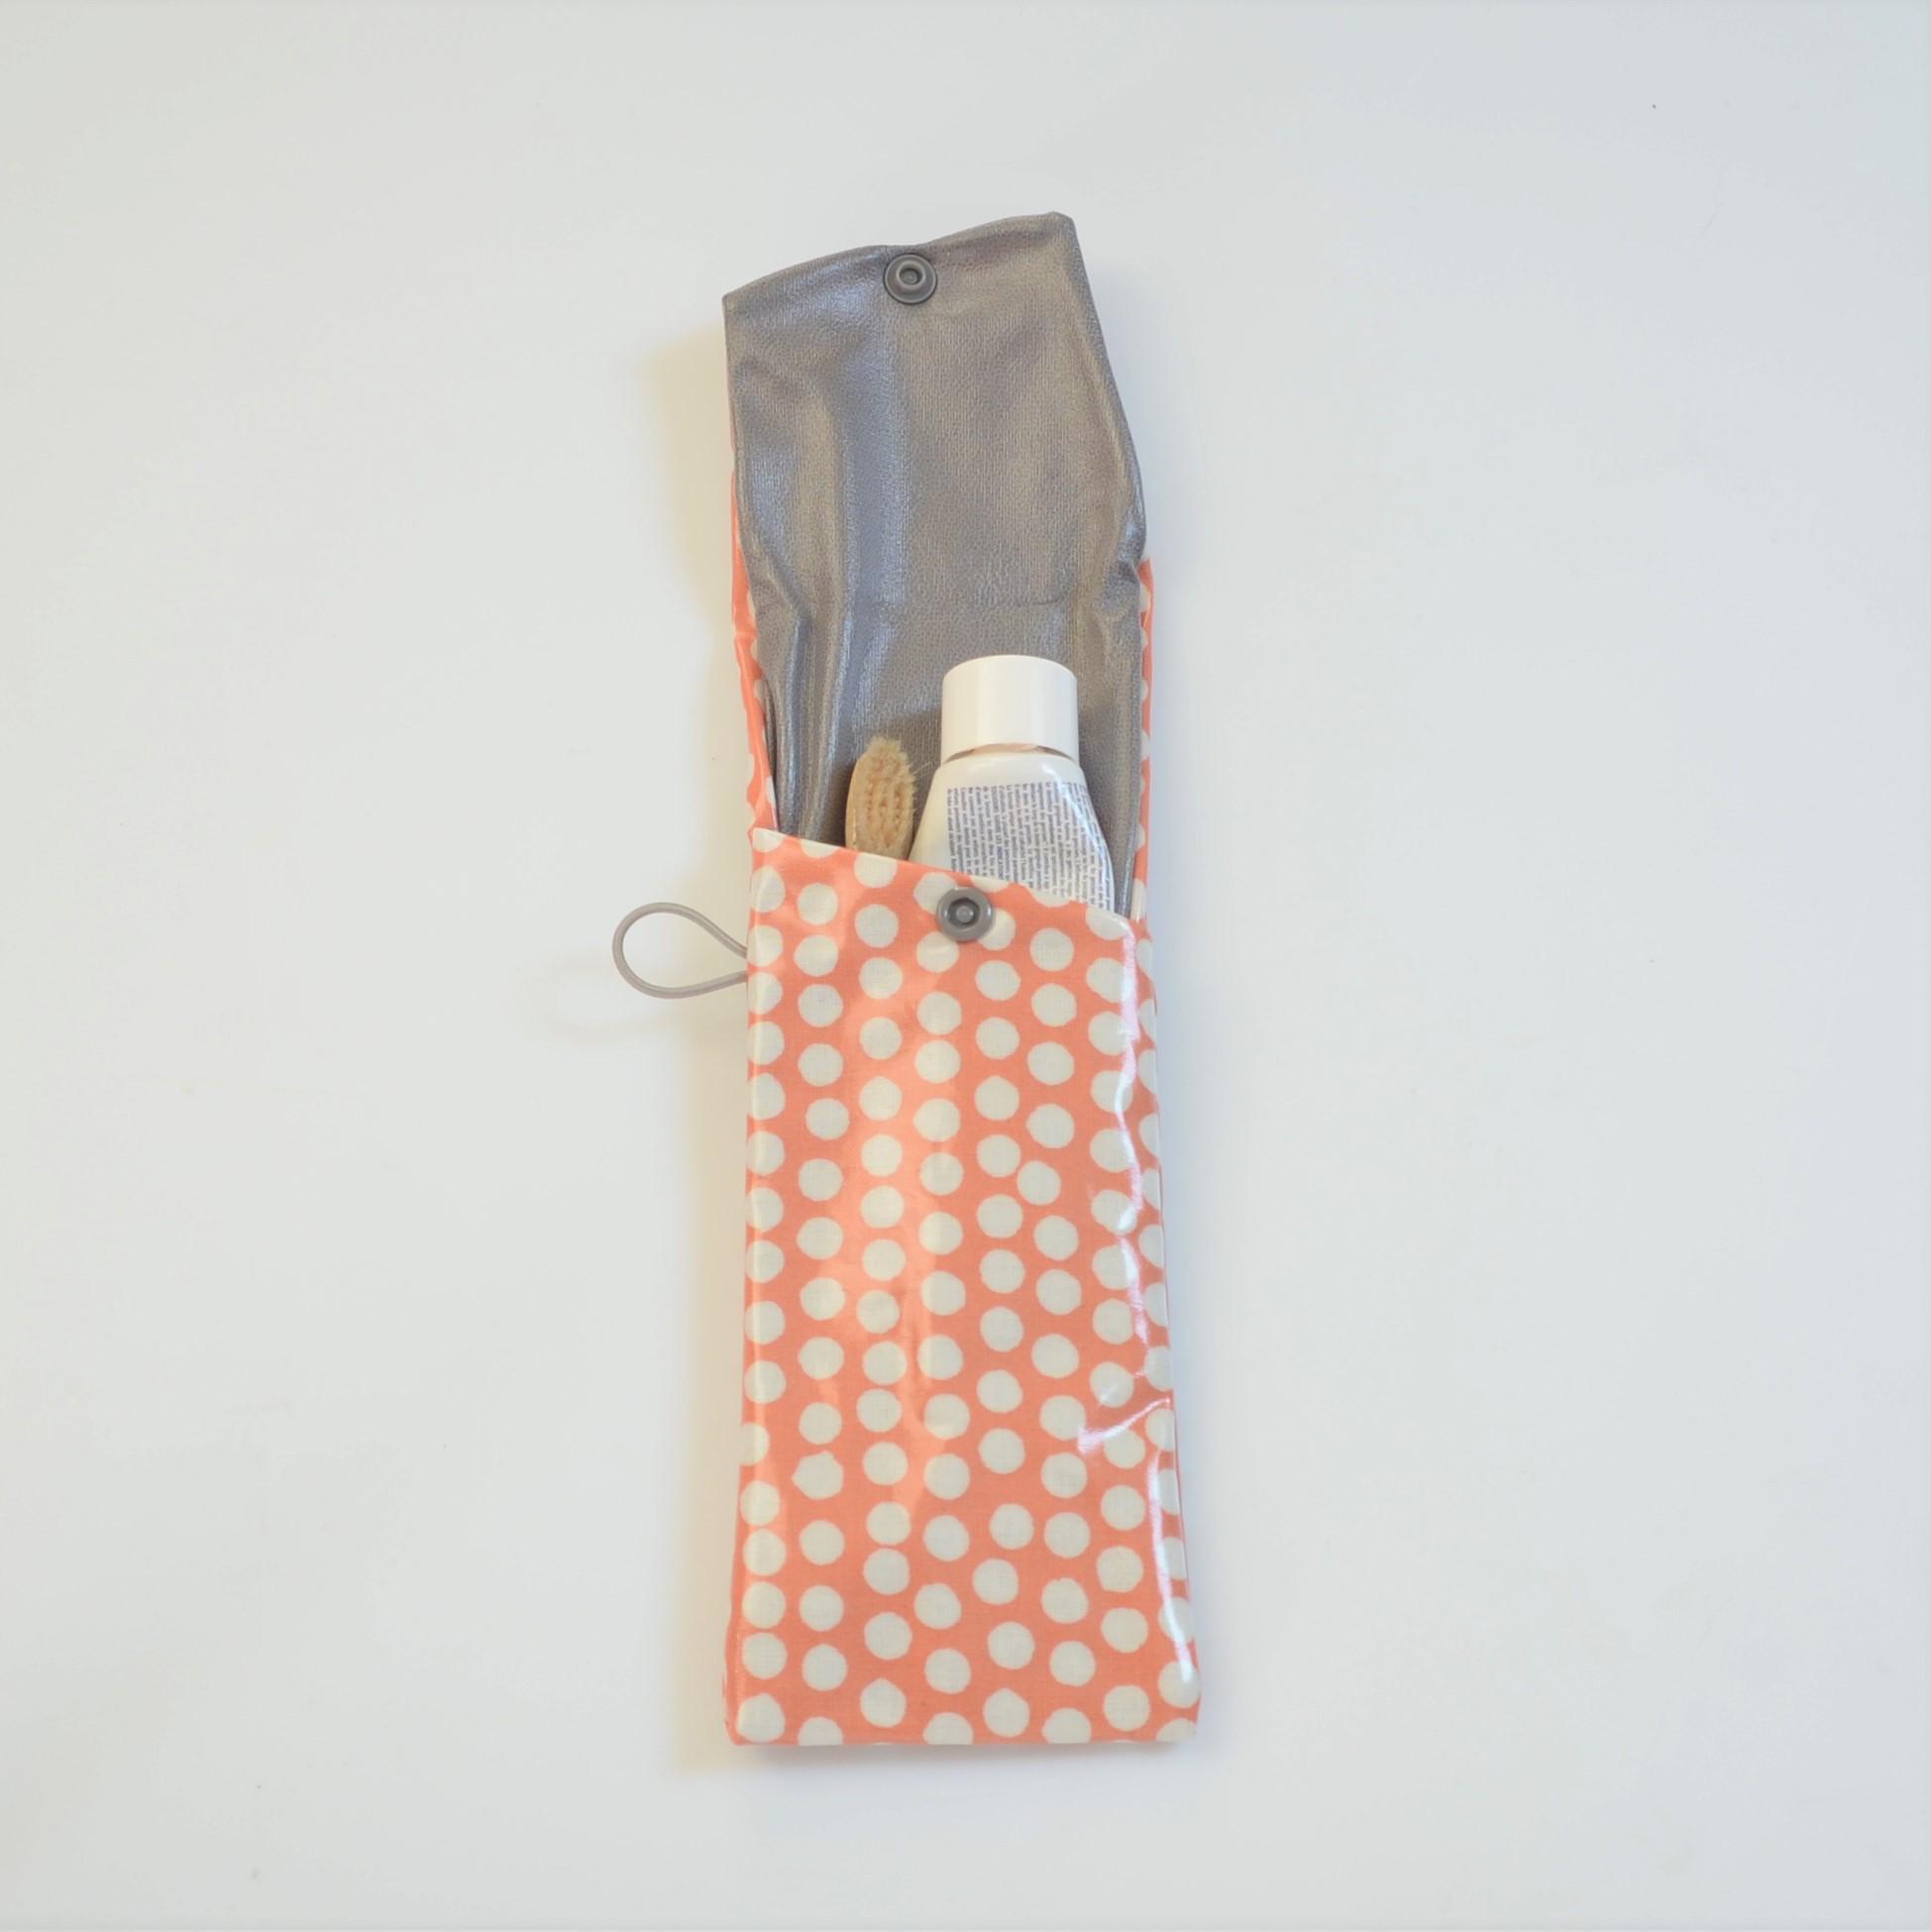 Etui imperméable pour brosse à dent et dentifrice orange à pois--9995825784413